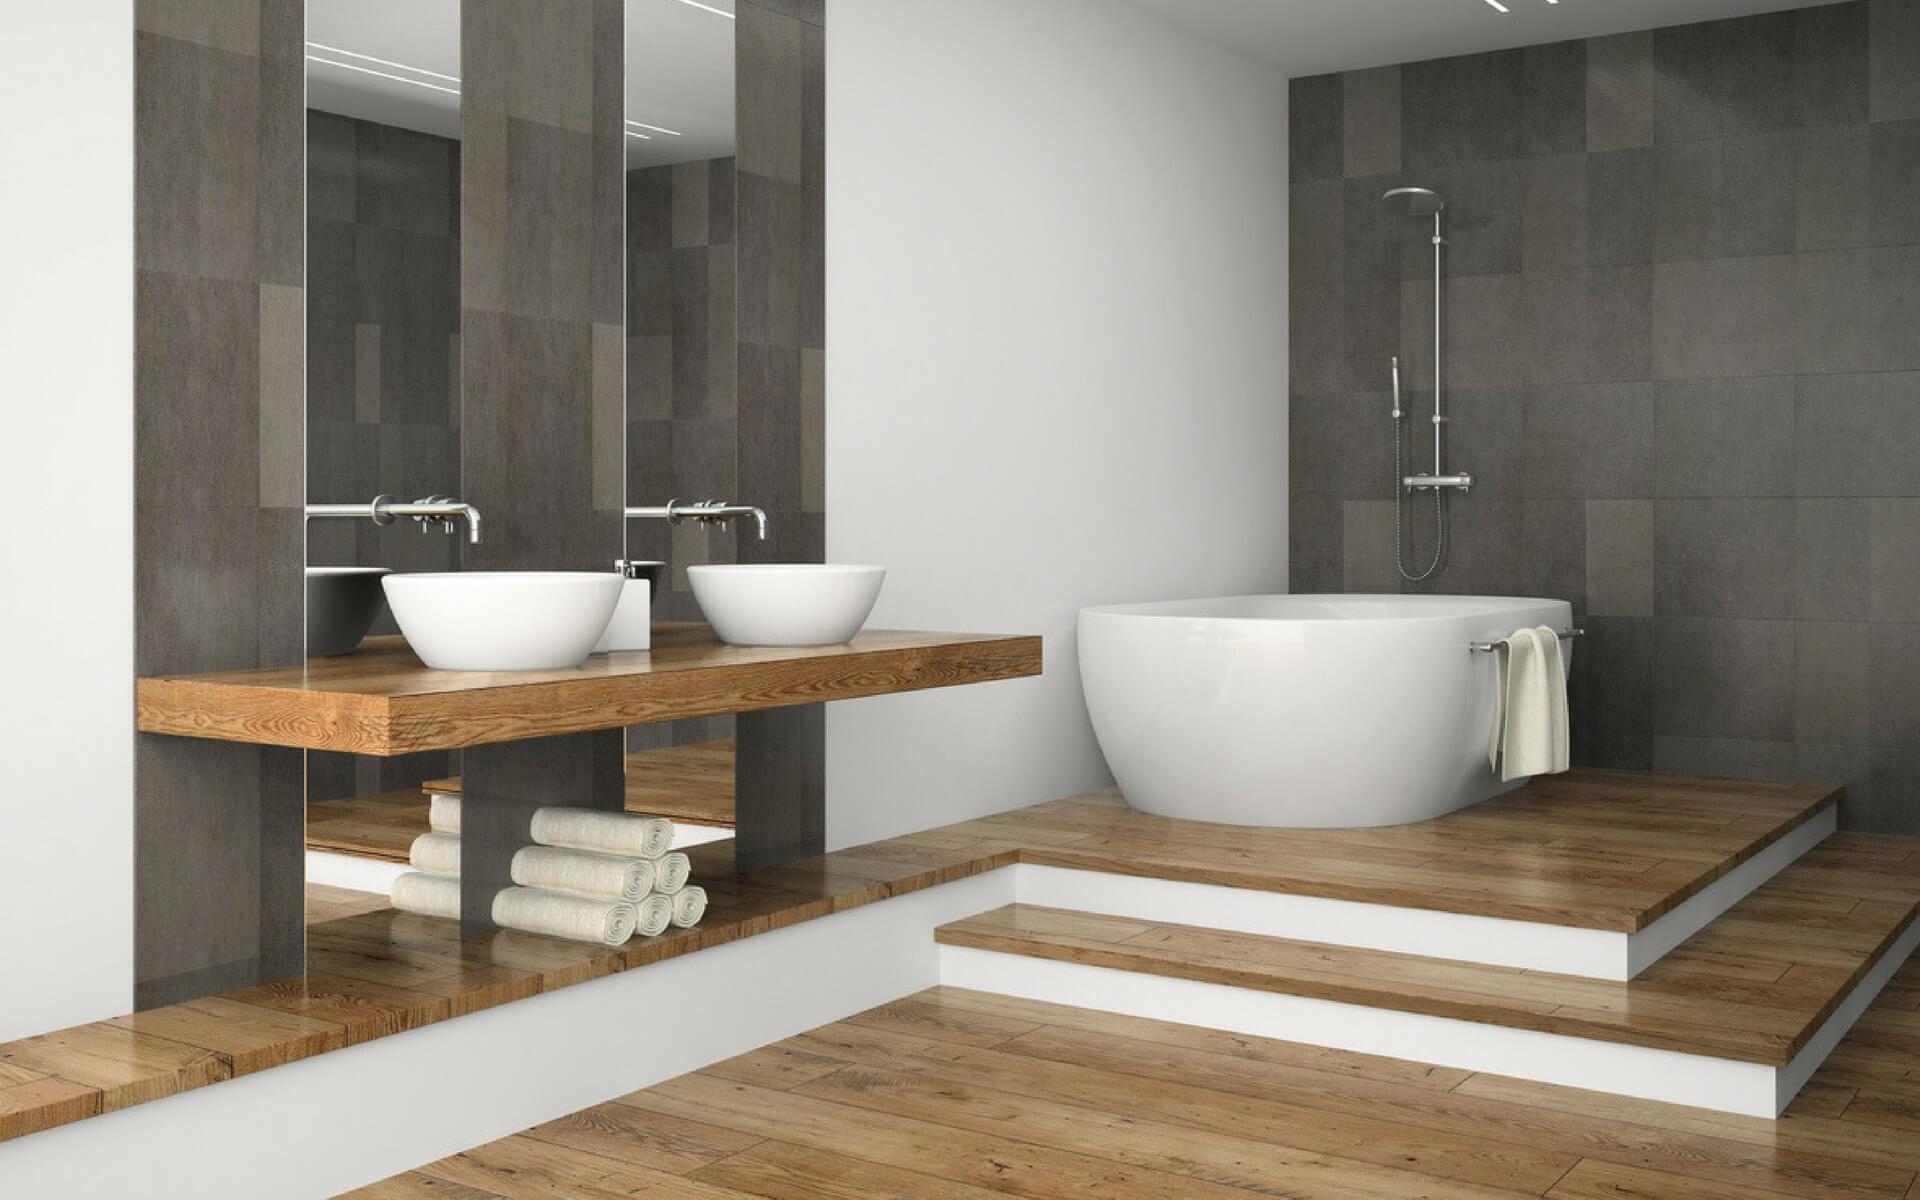 Bagni Di Lusso Foto : Come arredare un bagno di lusso seguendo le ultime tendenze